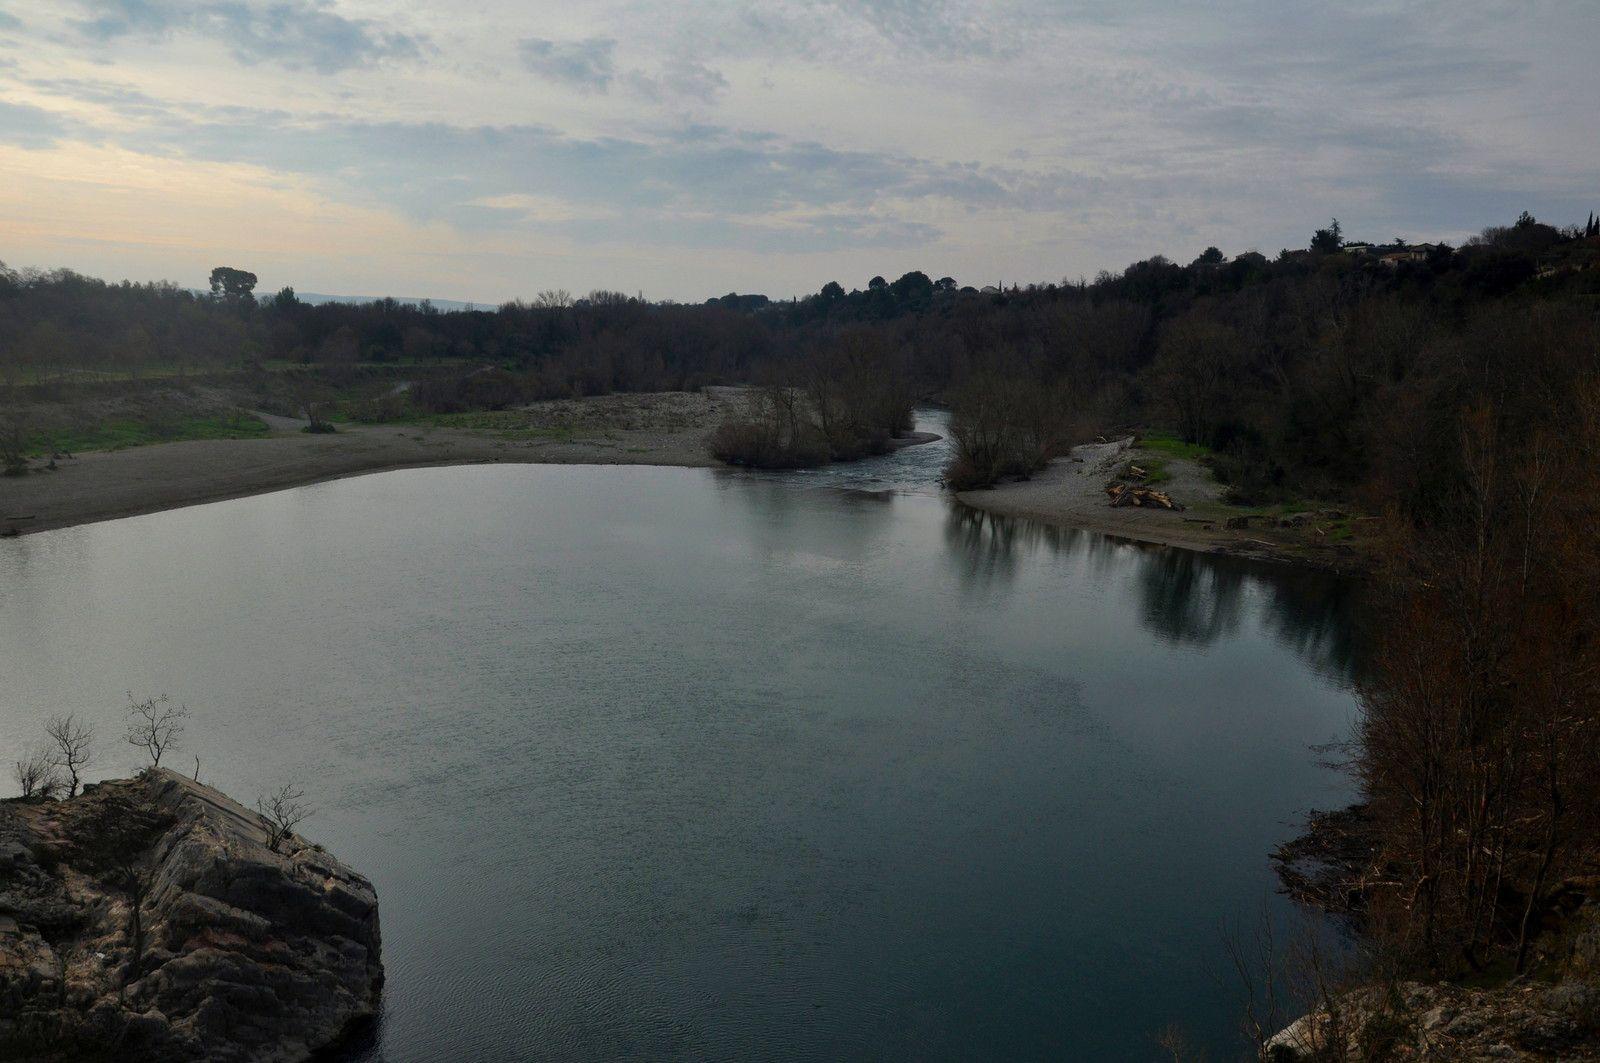 C'est ici que des personnes sautent dans l'eau avec des morts tous les ans, moi je profite du paysage.